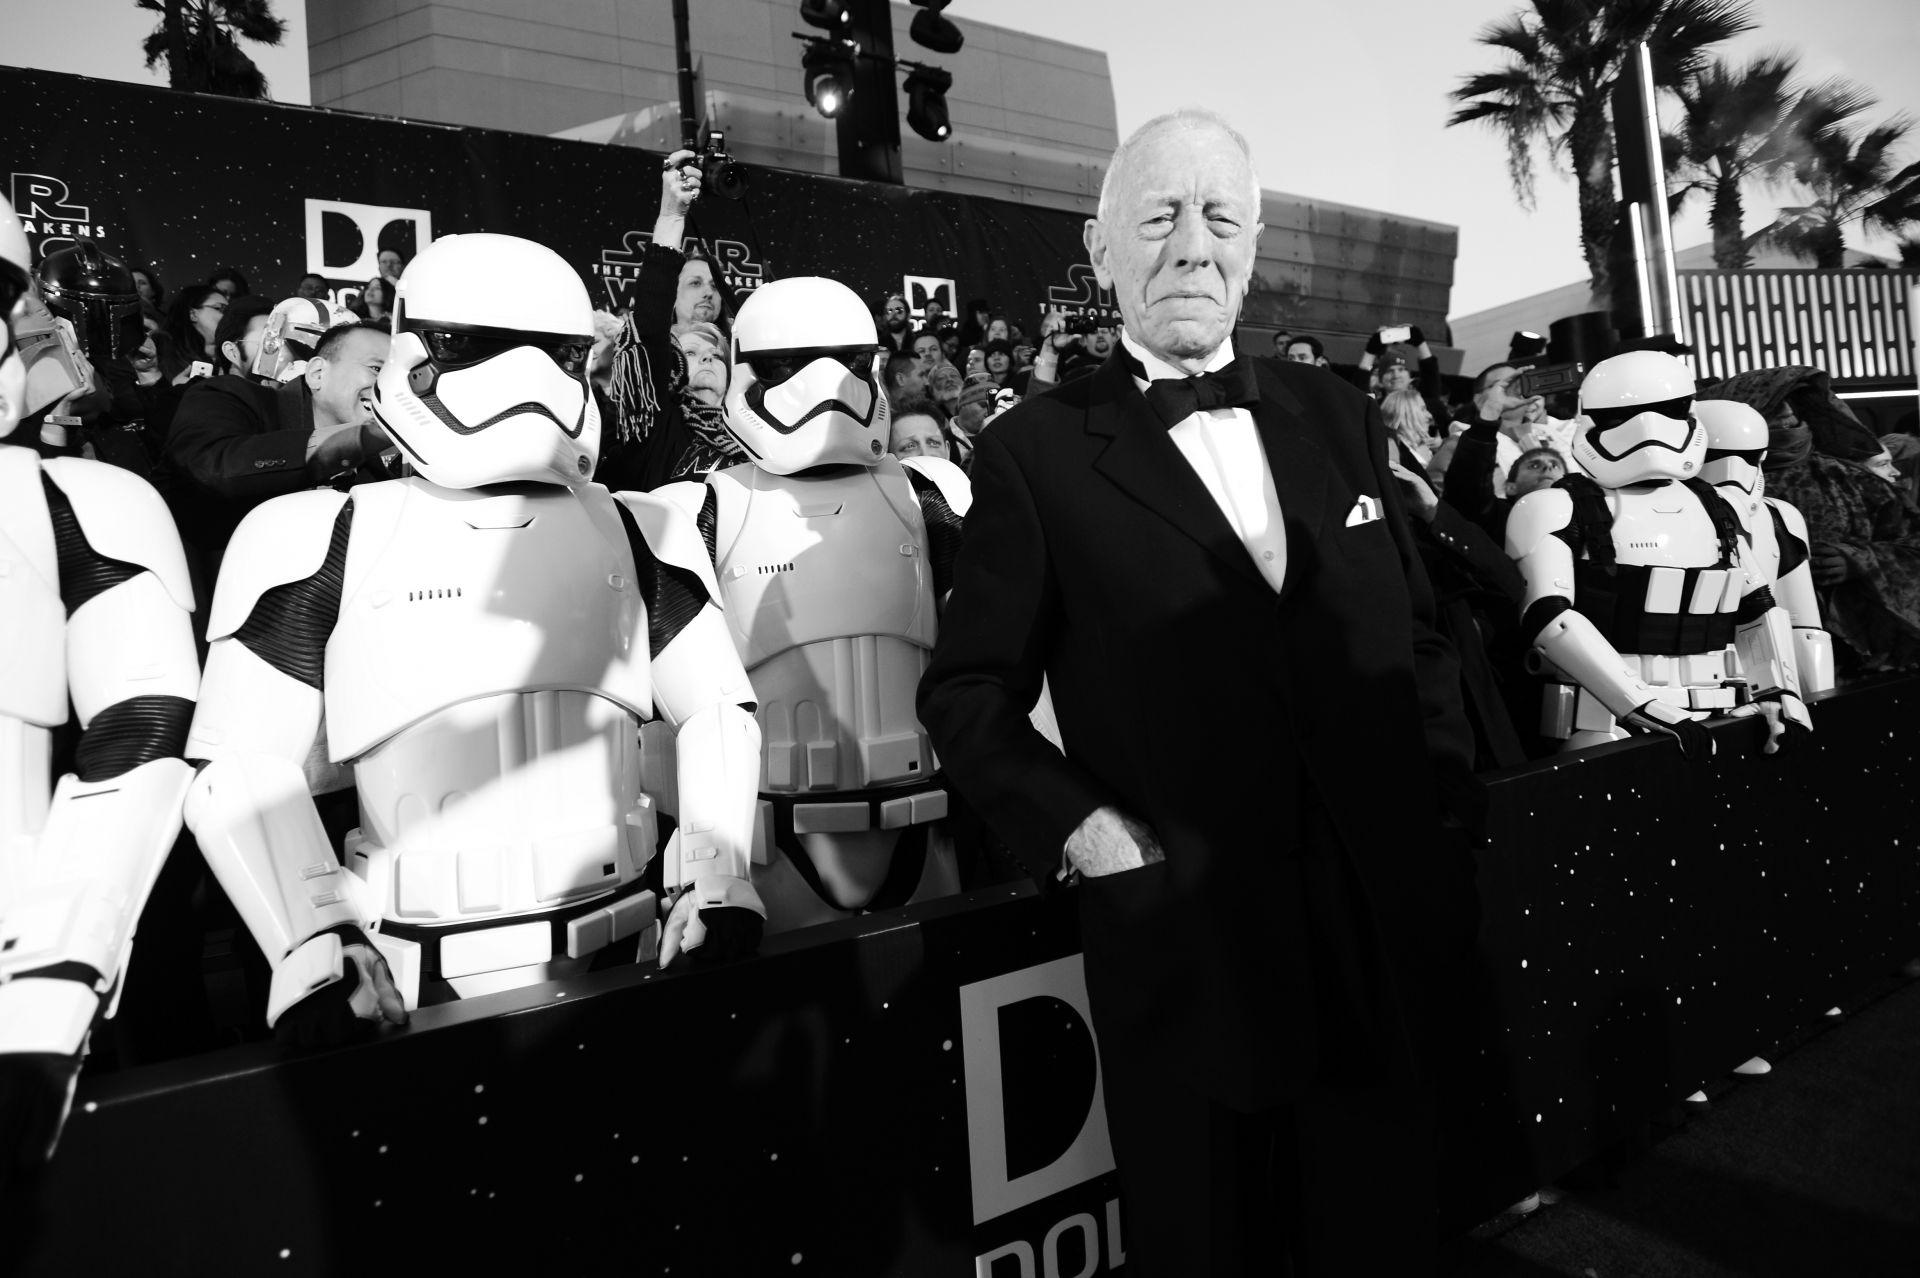 """Актьорът присъства на световната премиера на """"Междузвездни войни: Силата се пробужда"""" в Холивуд през 2015 г."""